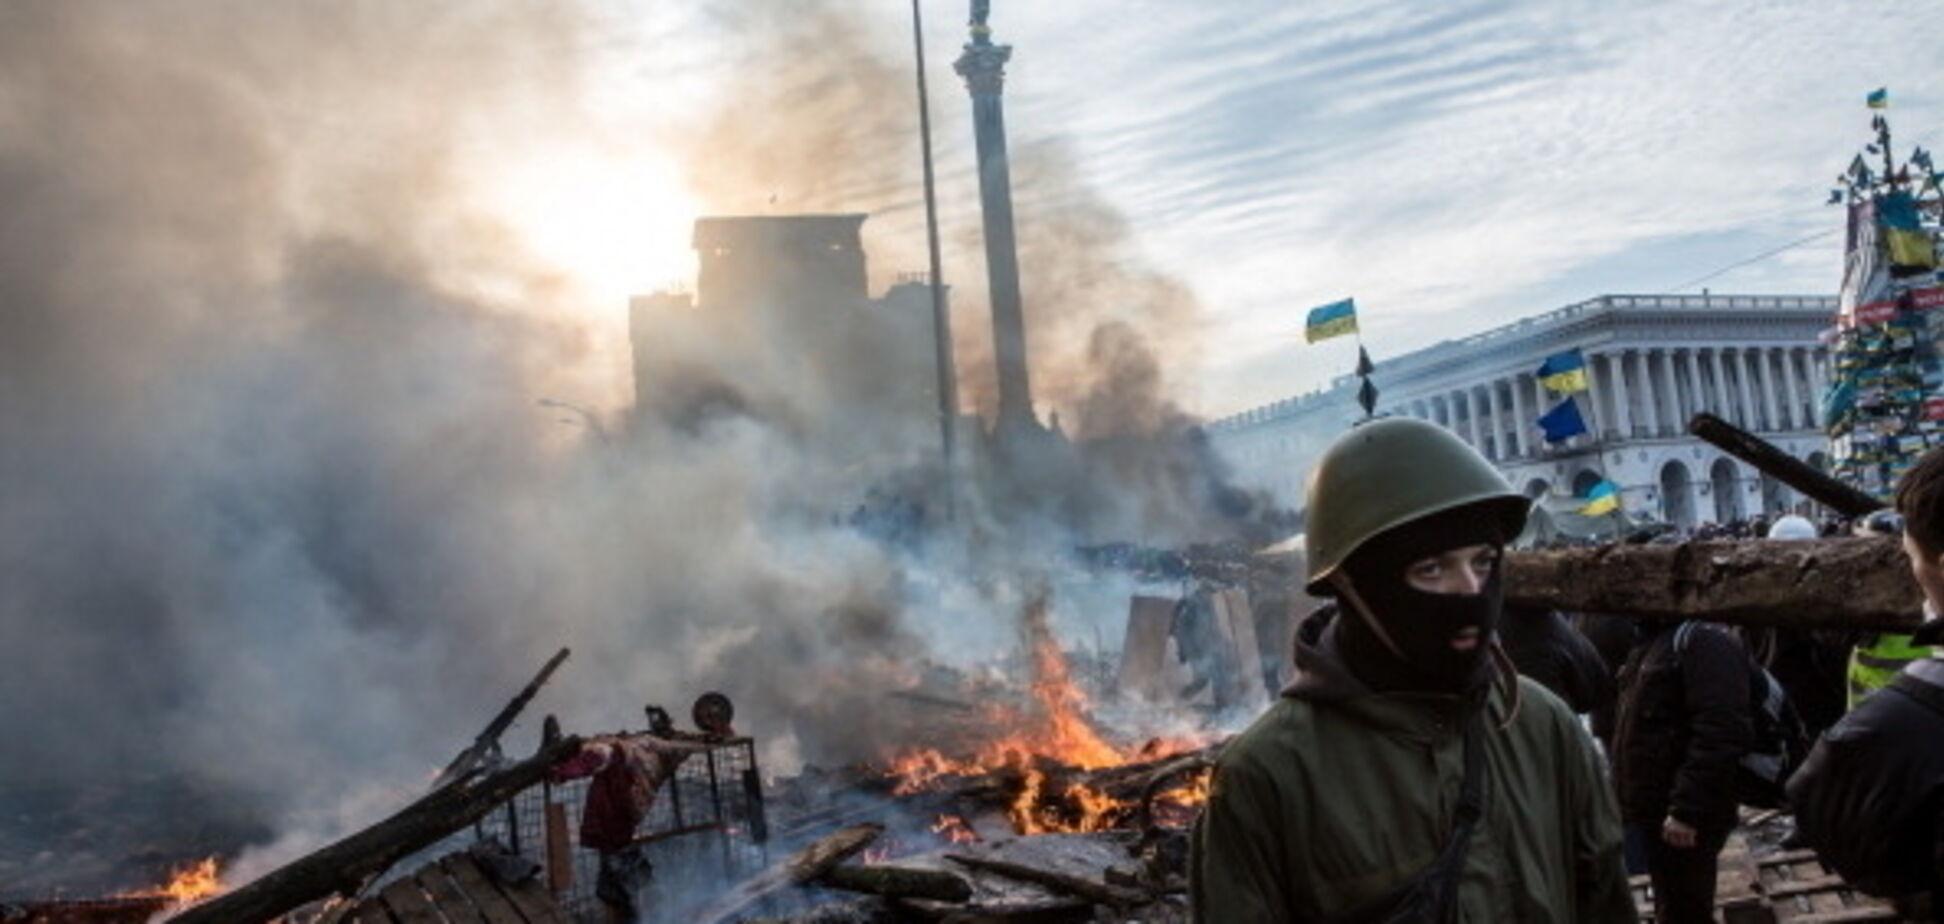 Розстріли на Майдані: ГПУ заявила про прорив у розслідуванні